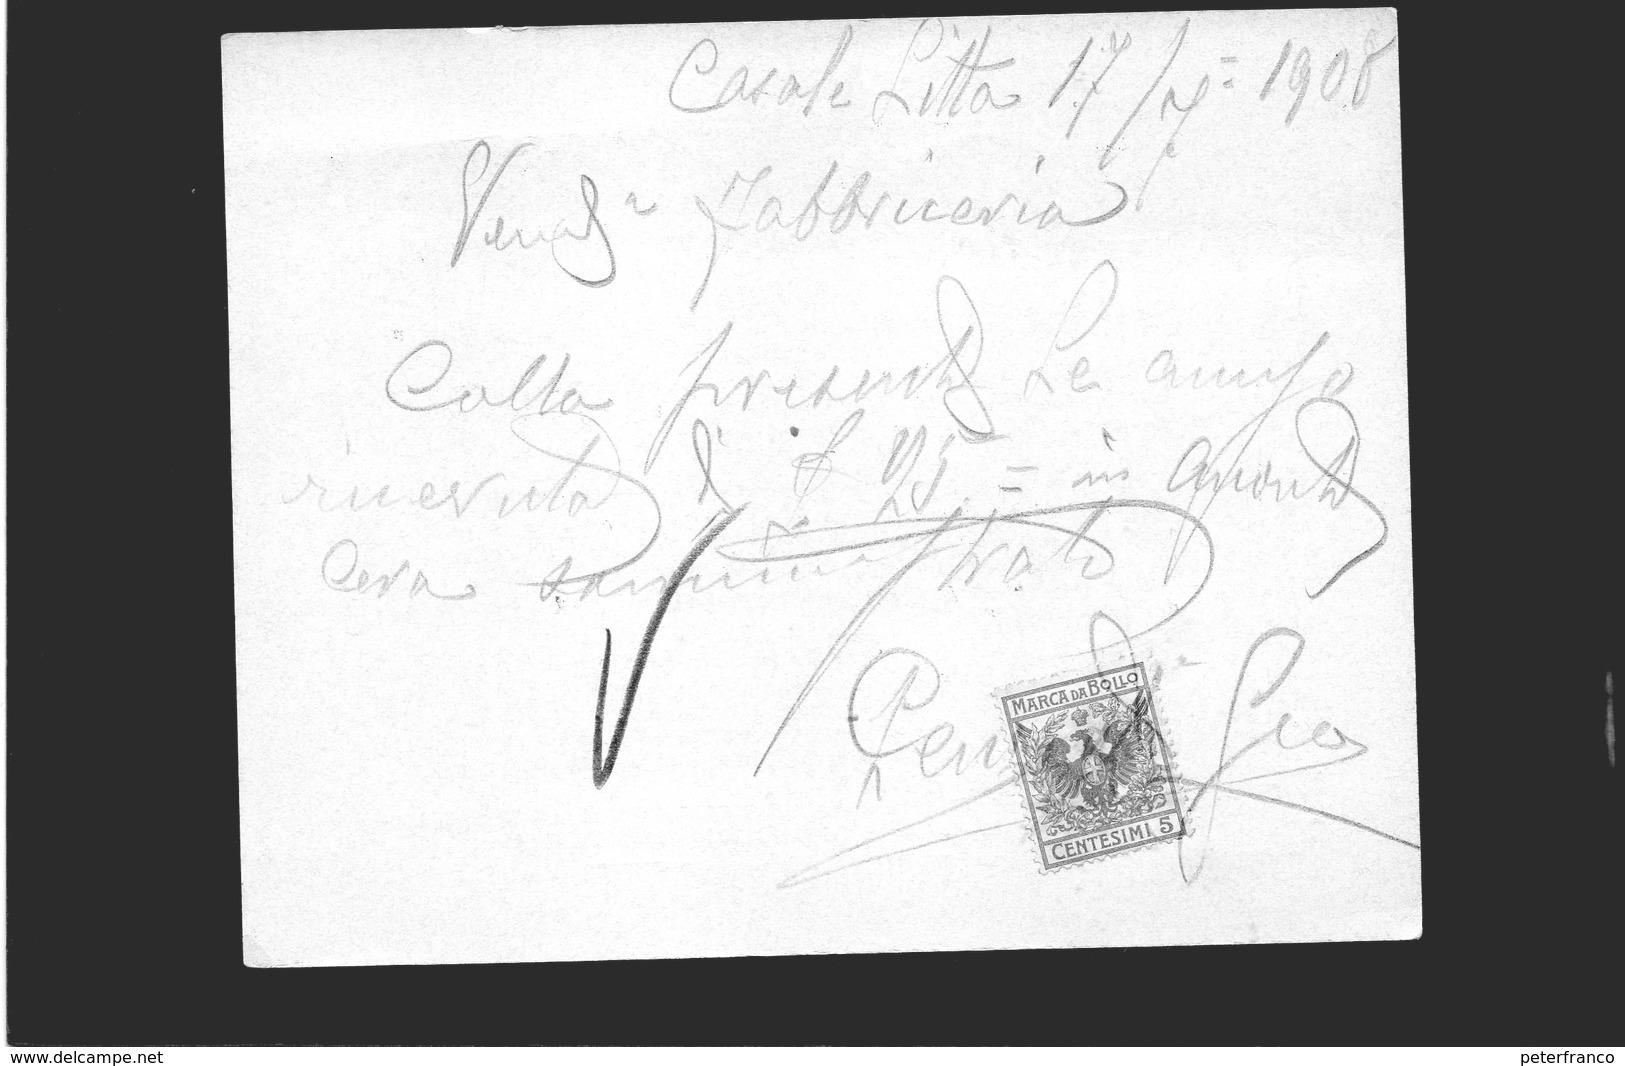 CG - Fatt. Ditta Cereria Pennati Giovanni - Monza - 17/7/1908 - Vendita Di Candele - Italia